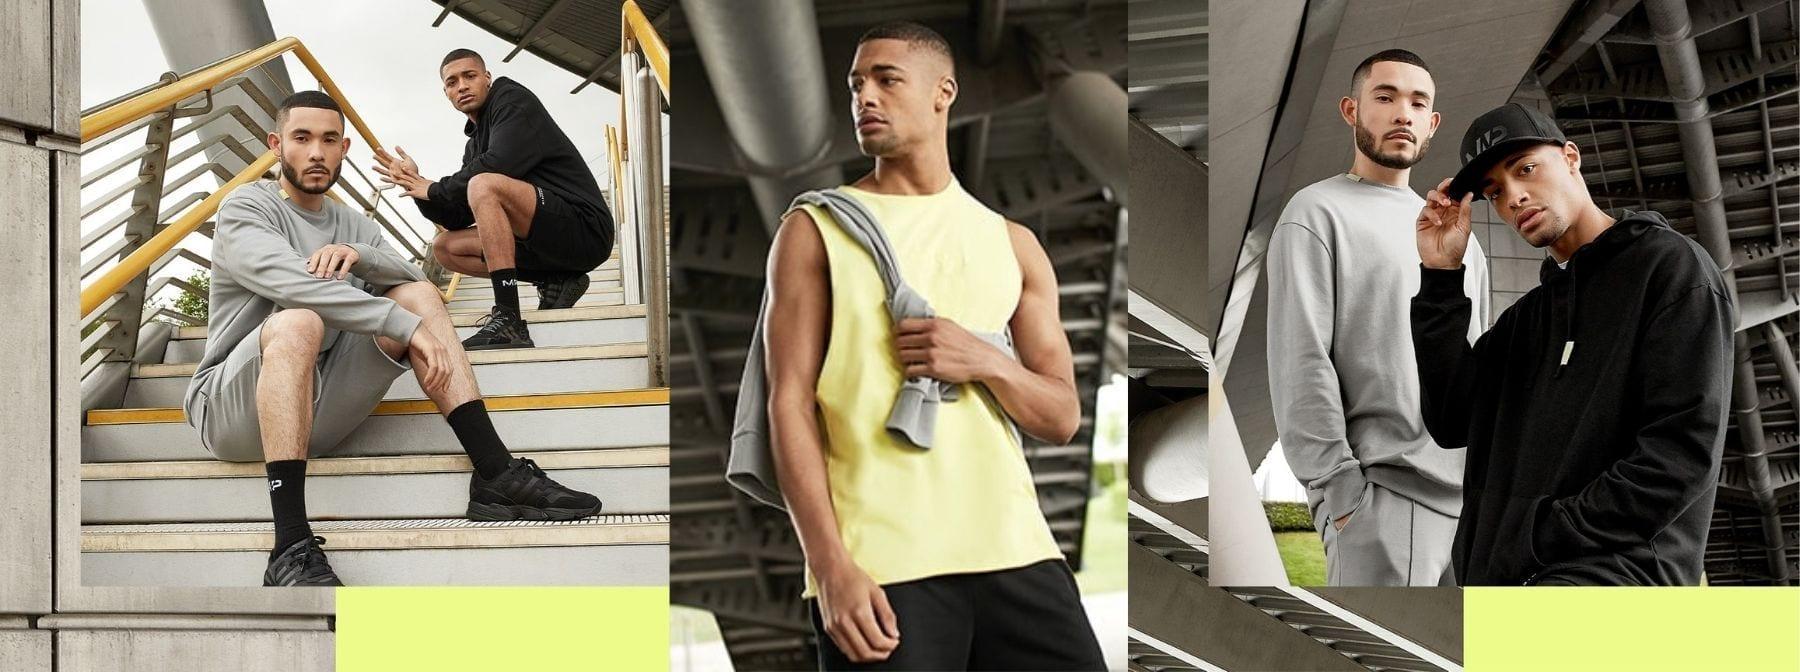 My Streets, My Style – Neue Menswear, die zu gut ist, um sie nur im Gym zu tragen